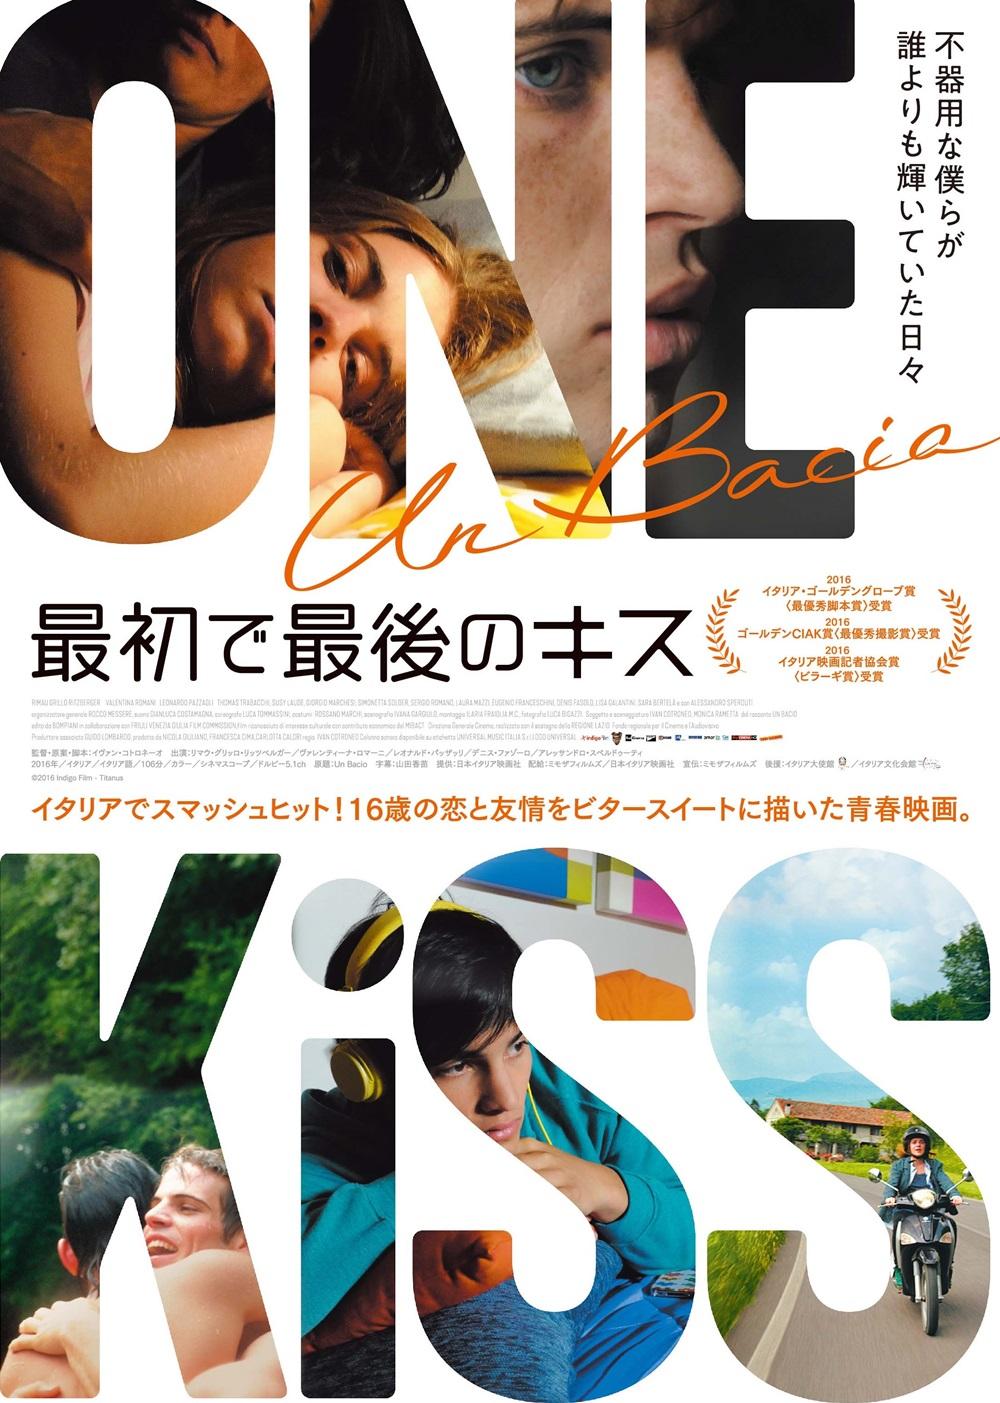 【画像】映画『最初で最後のキス』ポスタービジュアル